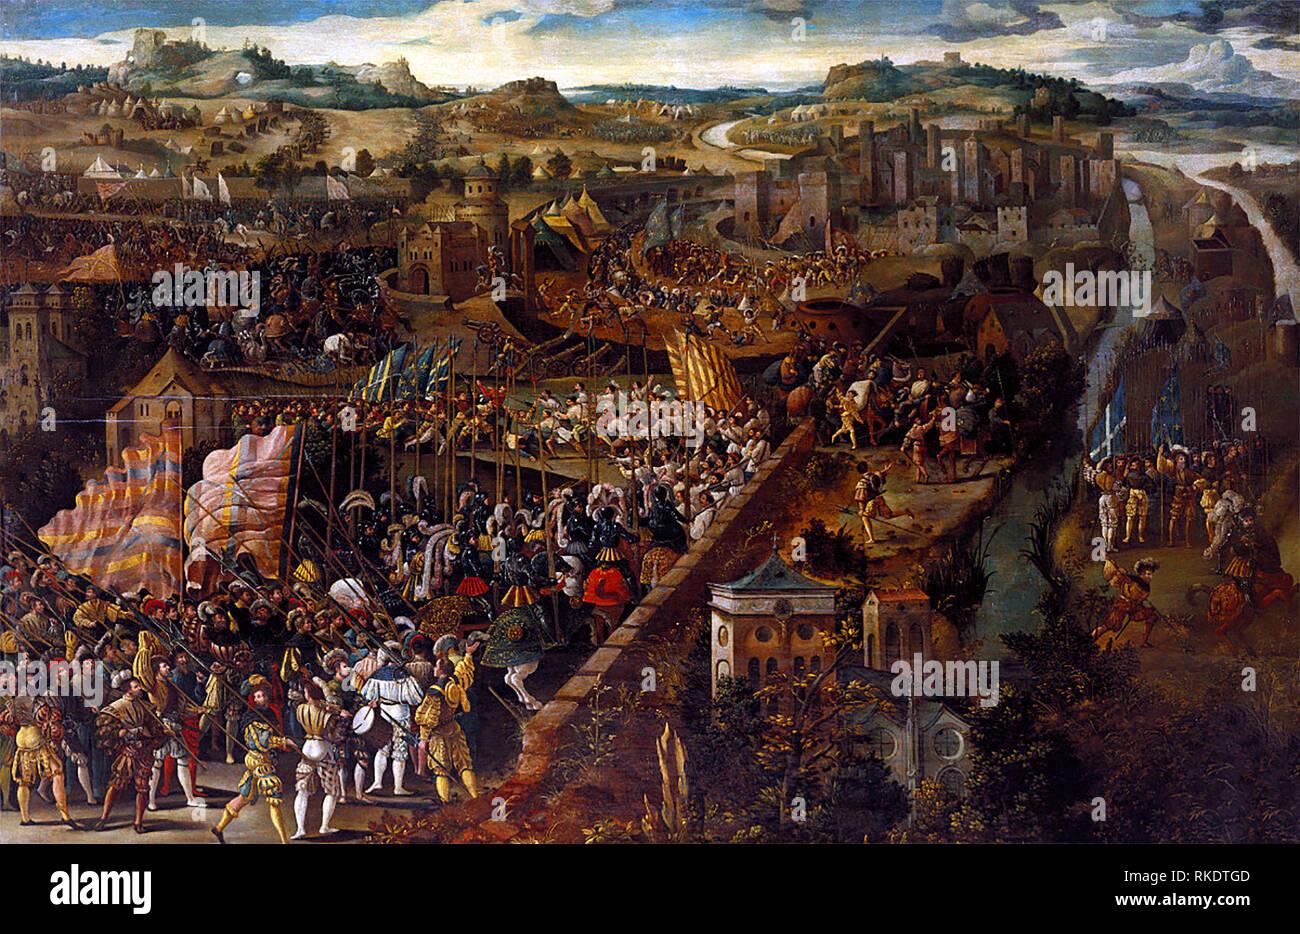 Schlacht von Pavia - ein Gemälde mit der Darstellung der Schlacht von Pavia, eine militärische Engagement der 24. Februar, 1525. Stockbild